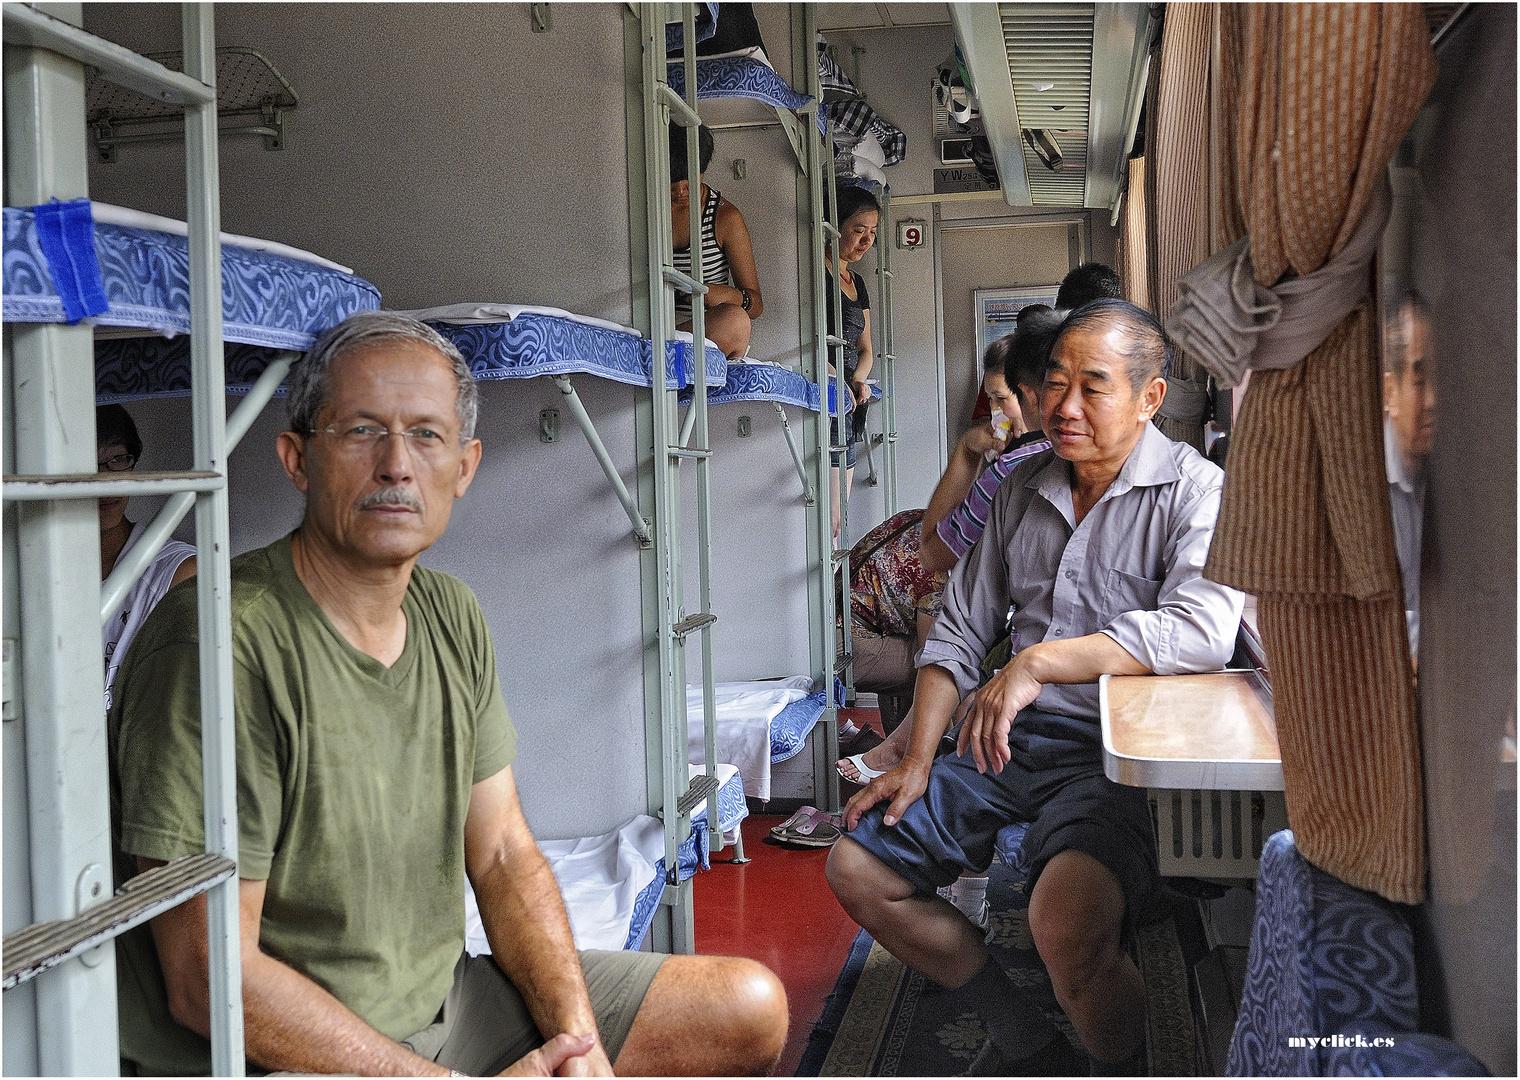 EN LA RUTA DE LA SEDA -UNA NOCHE ENTRE CHINOS (Dedicada a todos los viajeros)